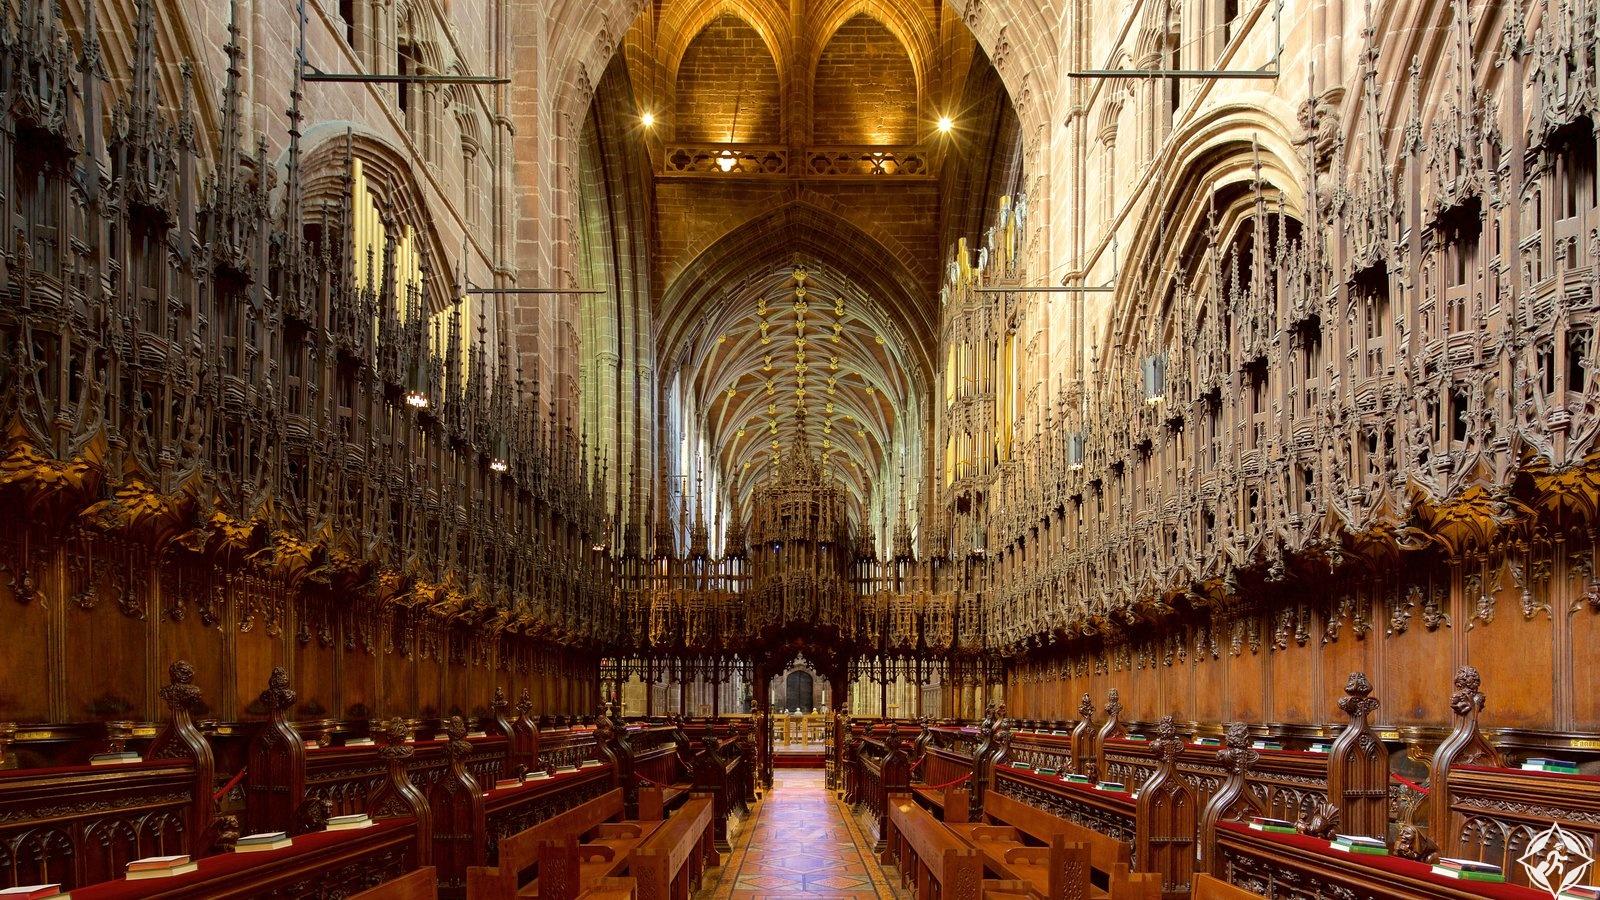 كاتدرائية تشيستر - المملكة المتحدة - تشيستر